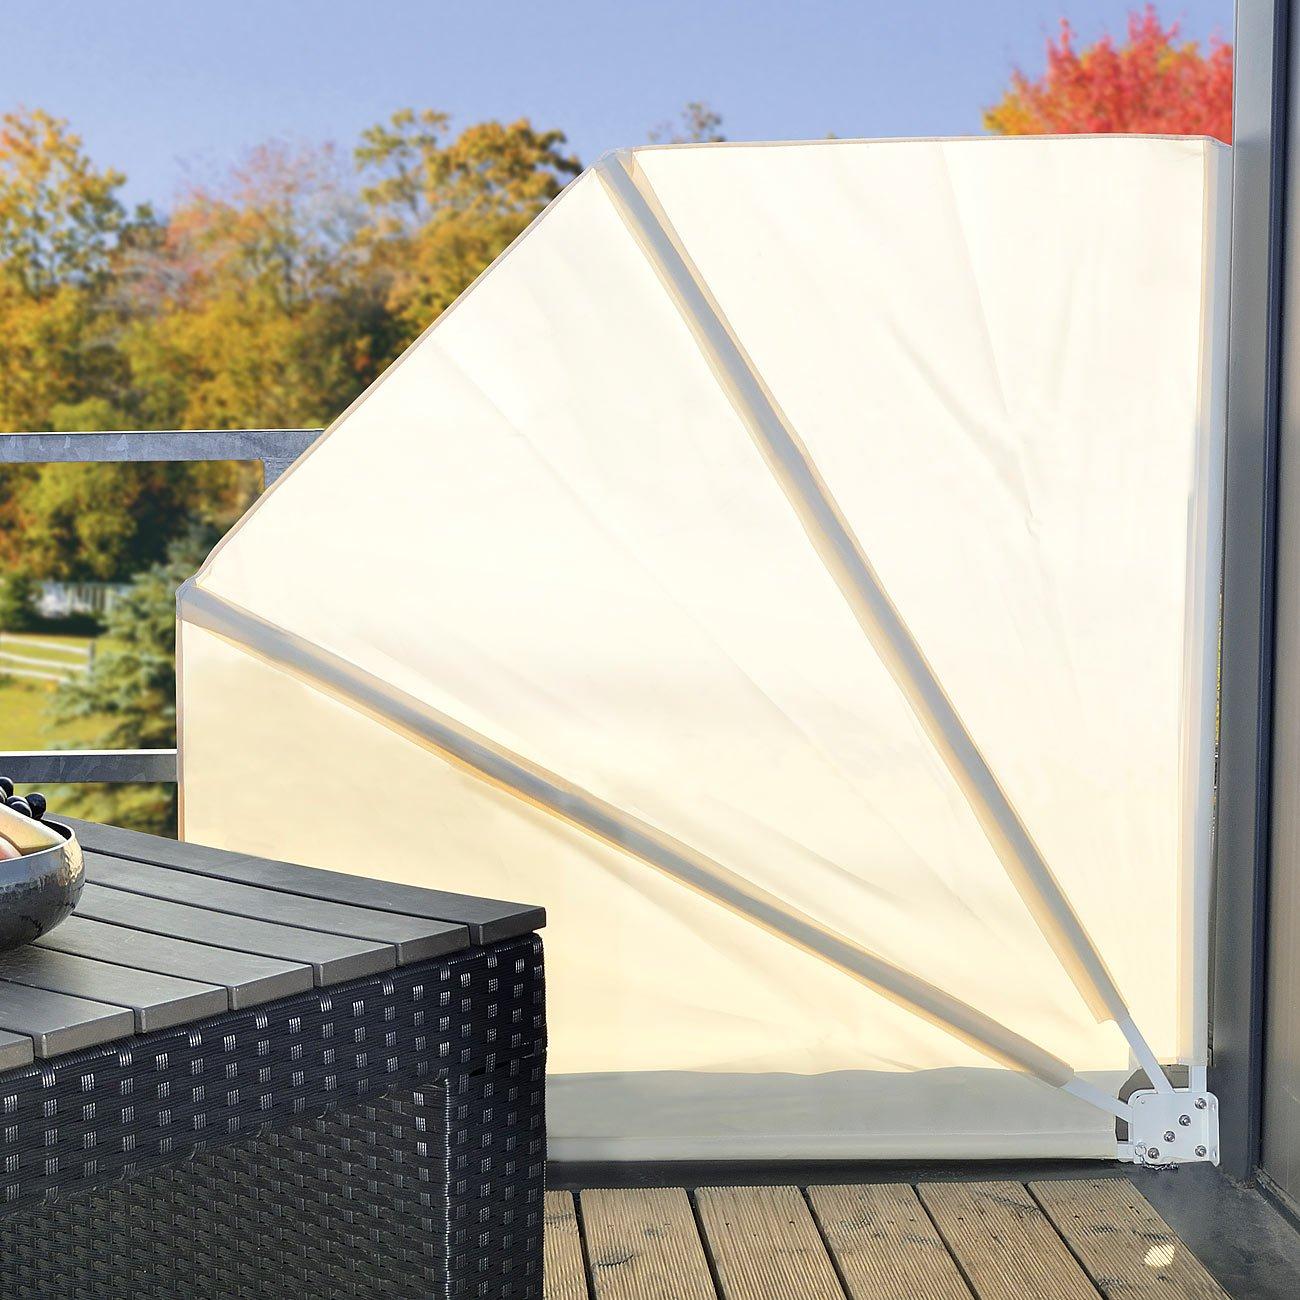 Amazon Royal Gardineer Balkonfächer Sichtschutz Balkon